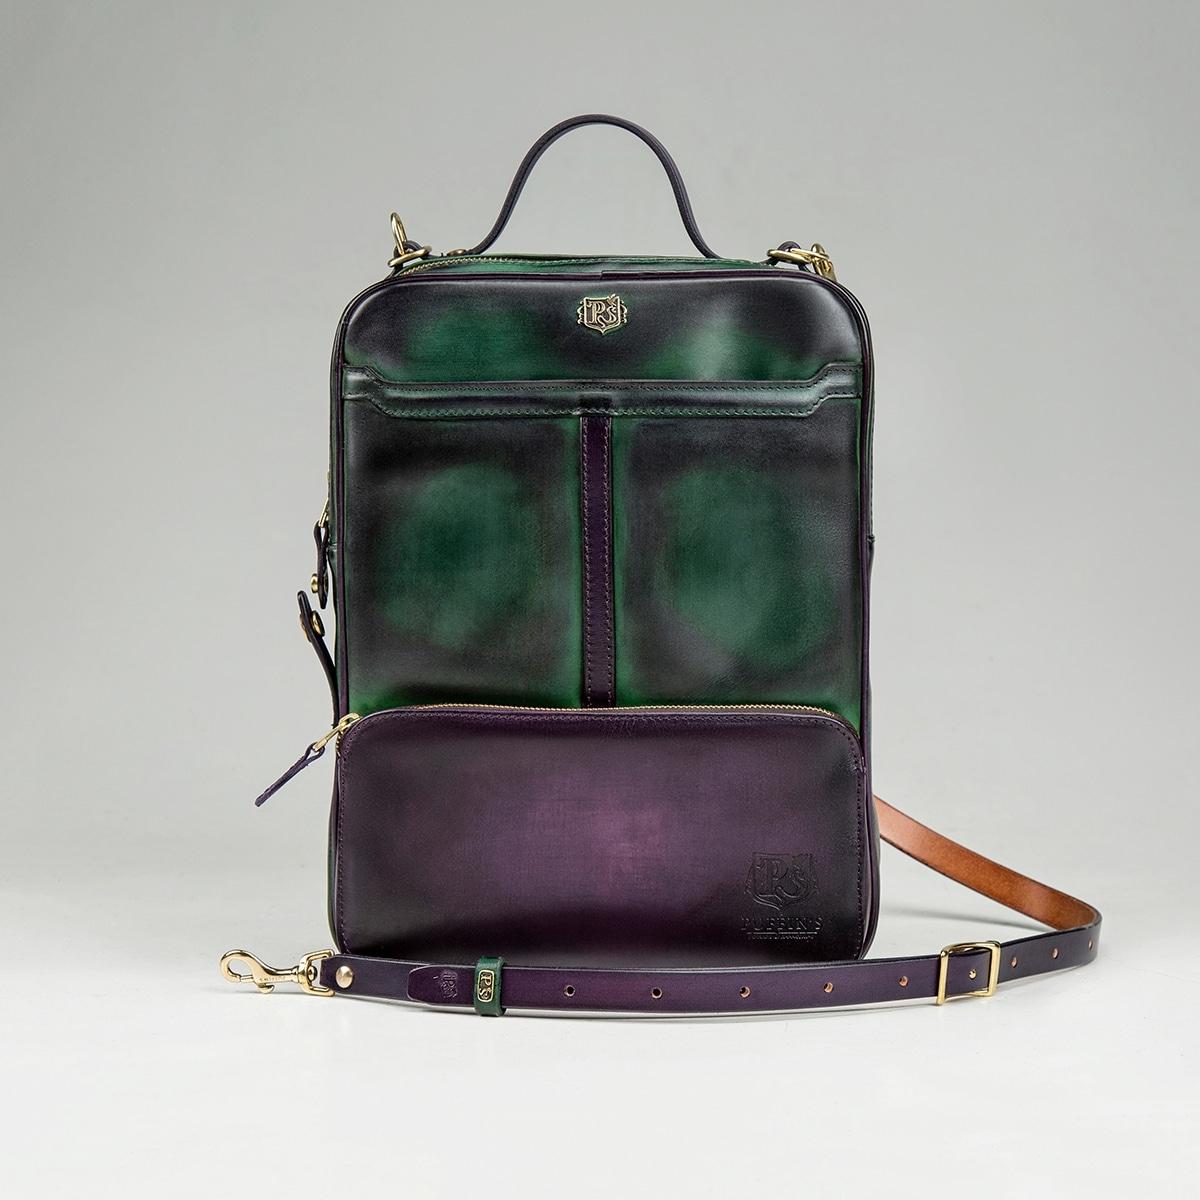 Сумка-рюкзак CHELSEA чернильный & зеленый травяной